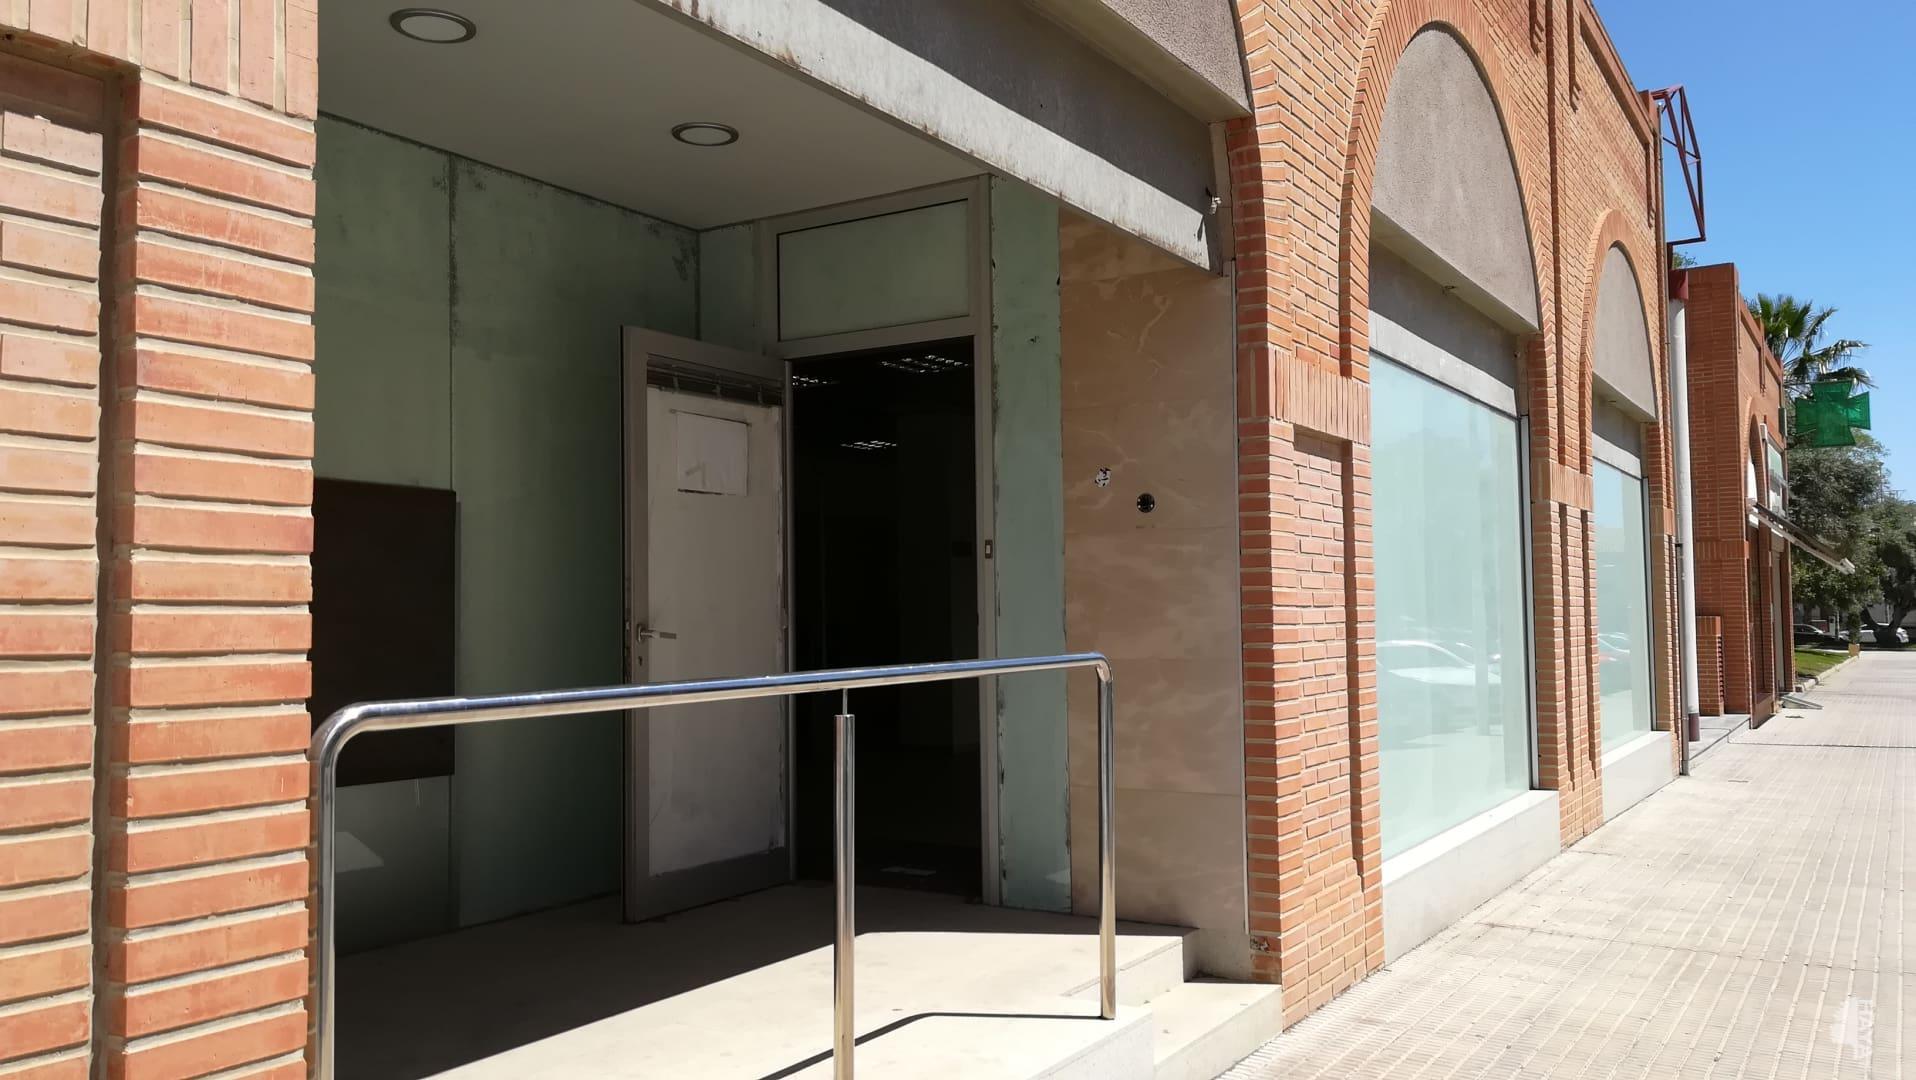 Local en venta en Murcia, Murcia, Avenida de los Rectores, 241.407 €, 220 m2